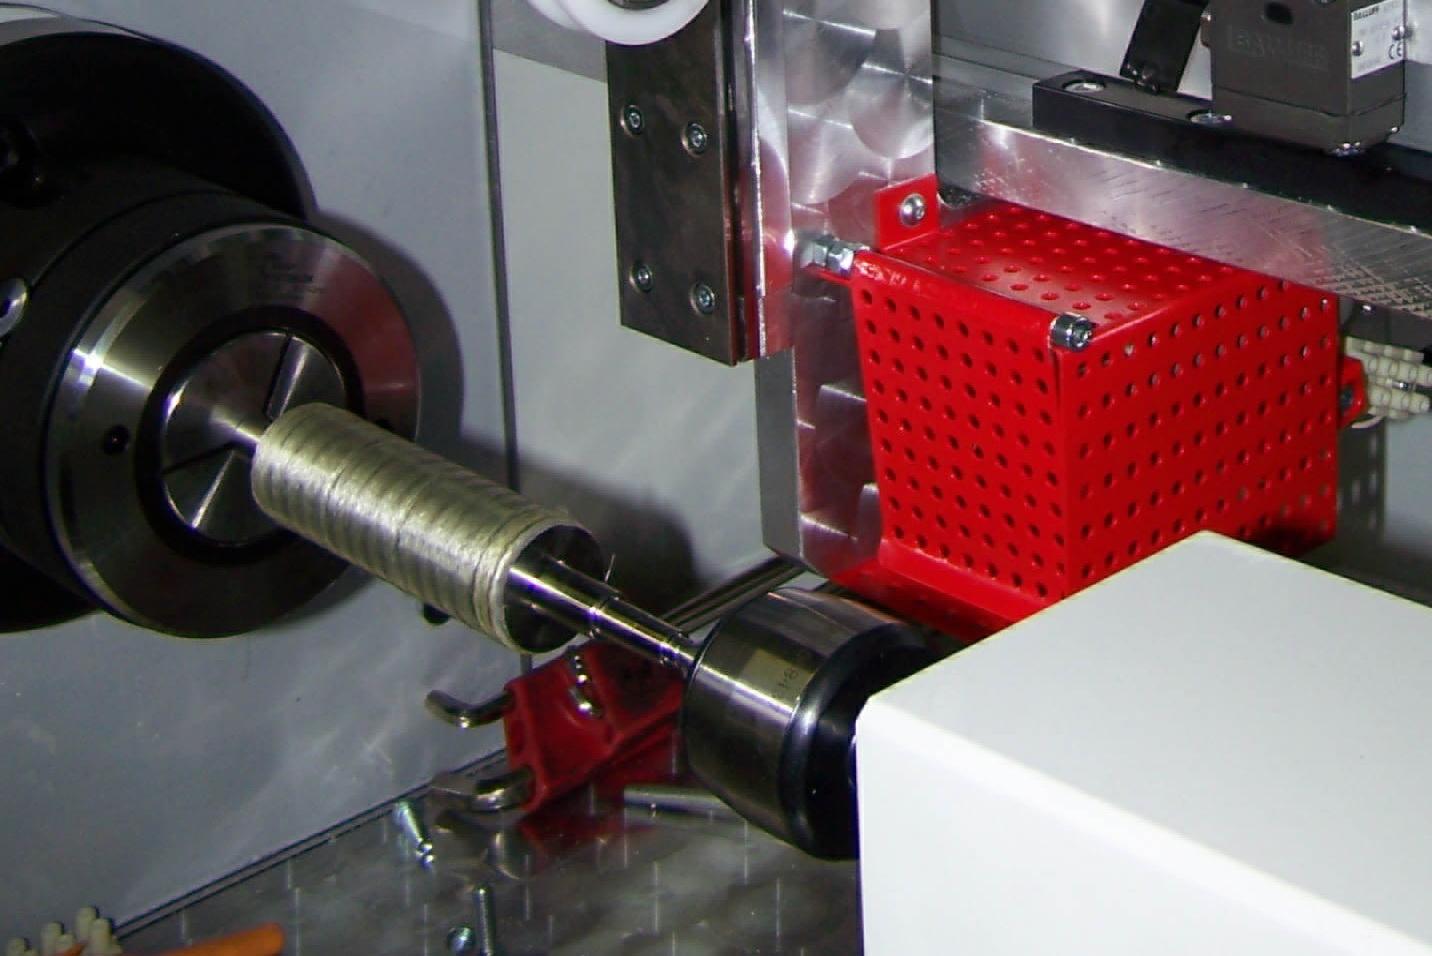 Lagenwickeln - F.U.R. Wickeltechnologie - Wickelmaschinen und ...